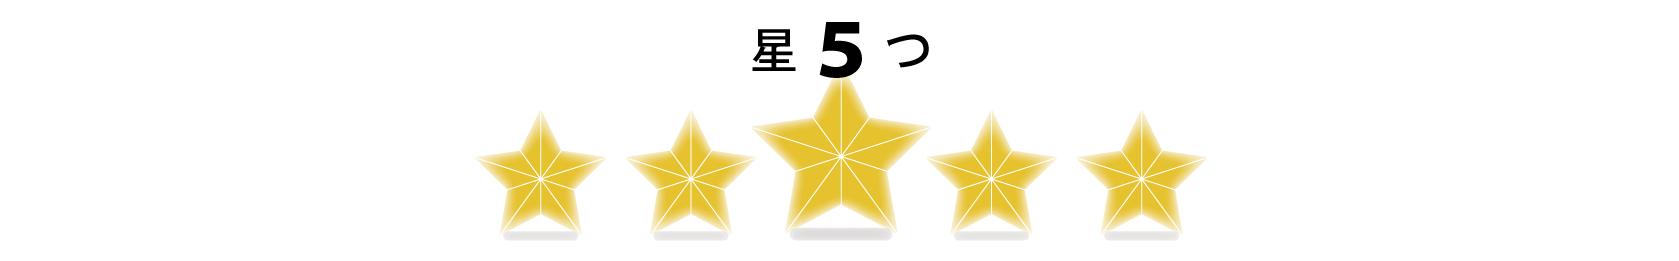 五つ星の評価